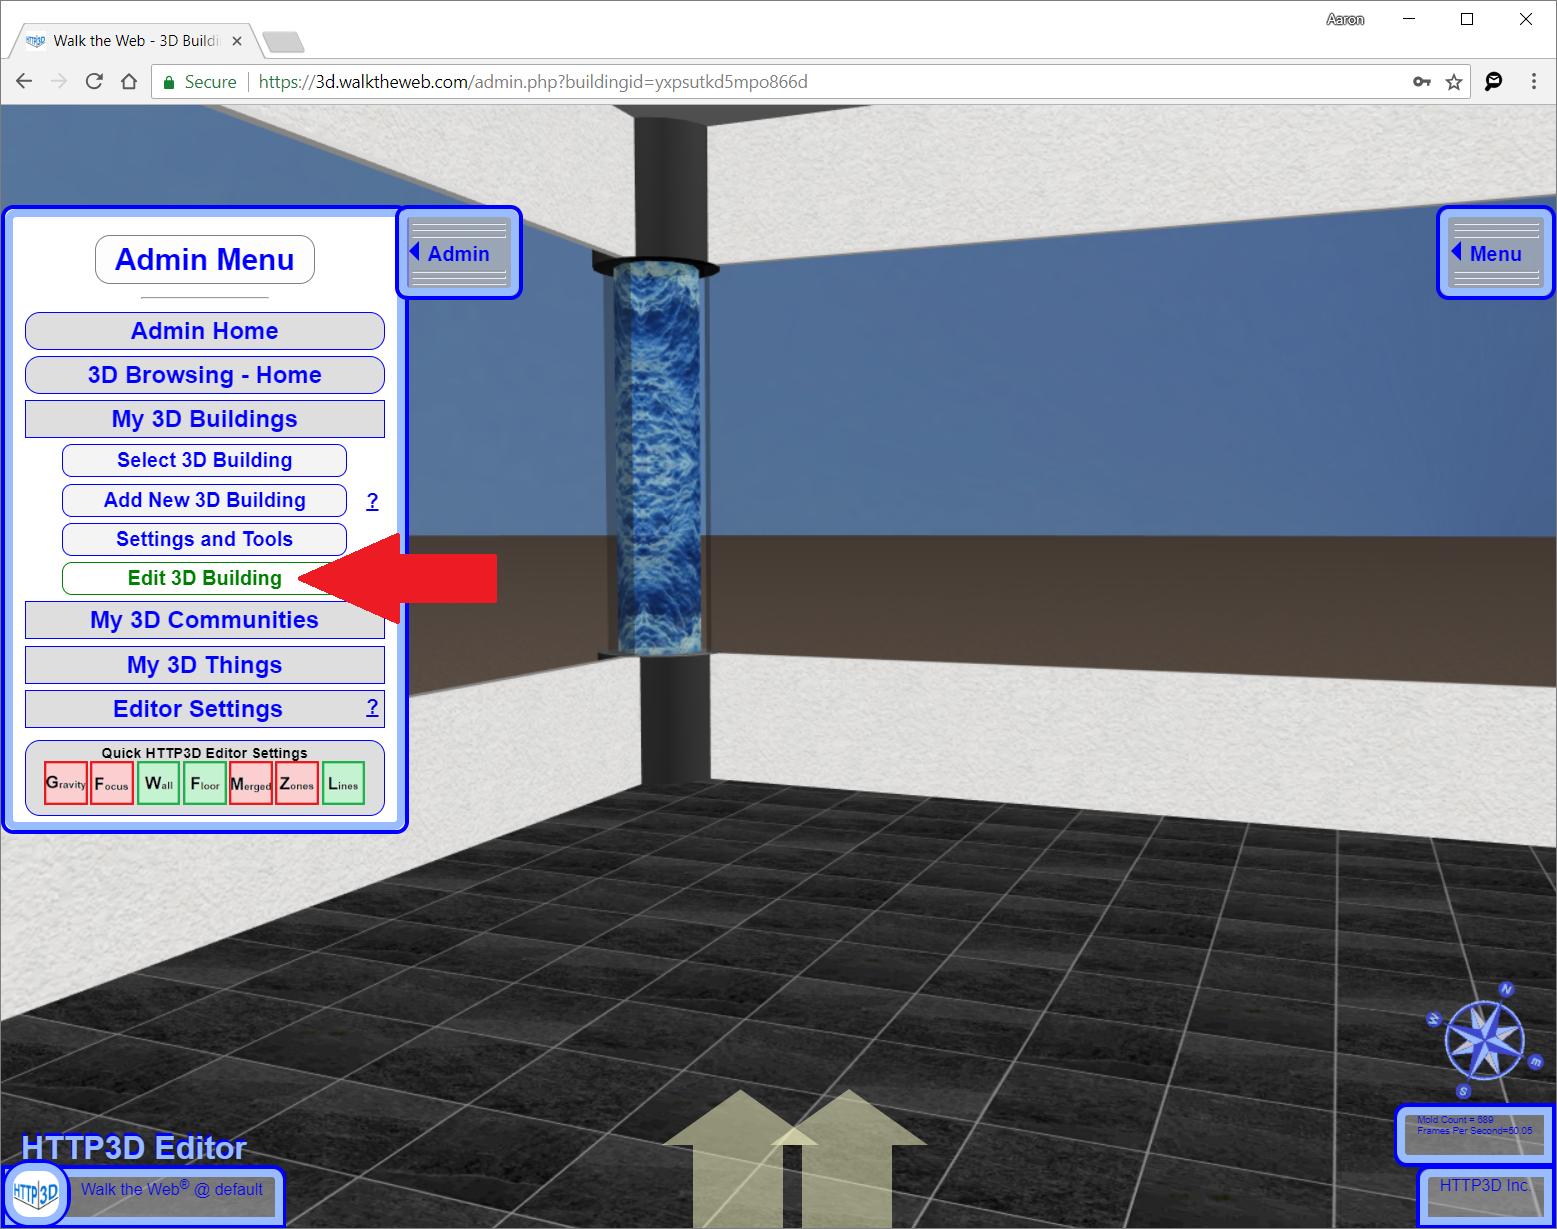 Edit 3D Building